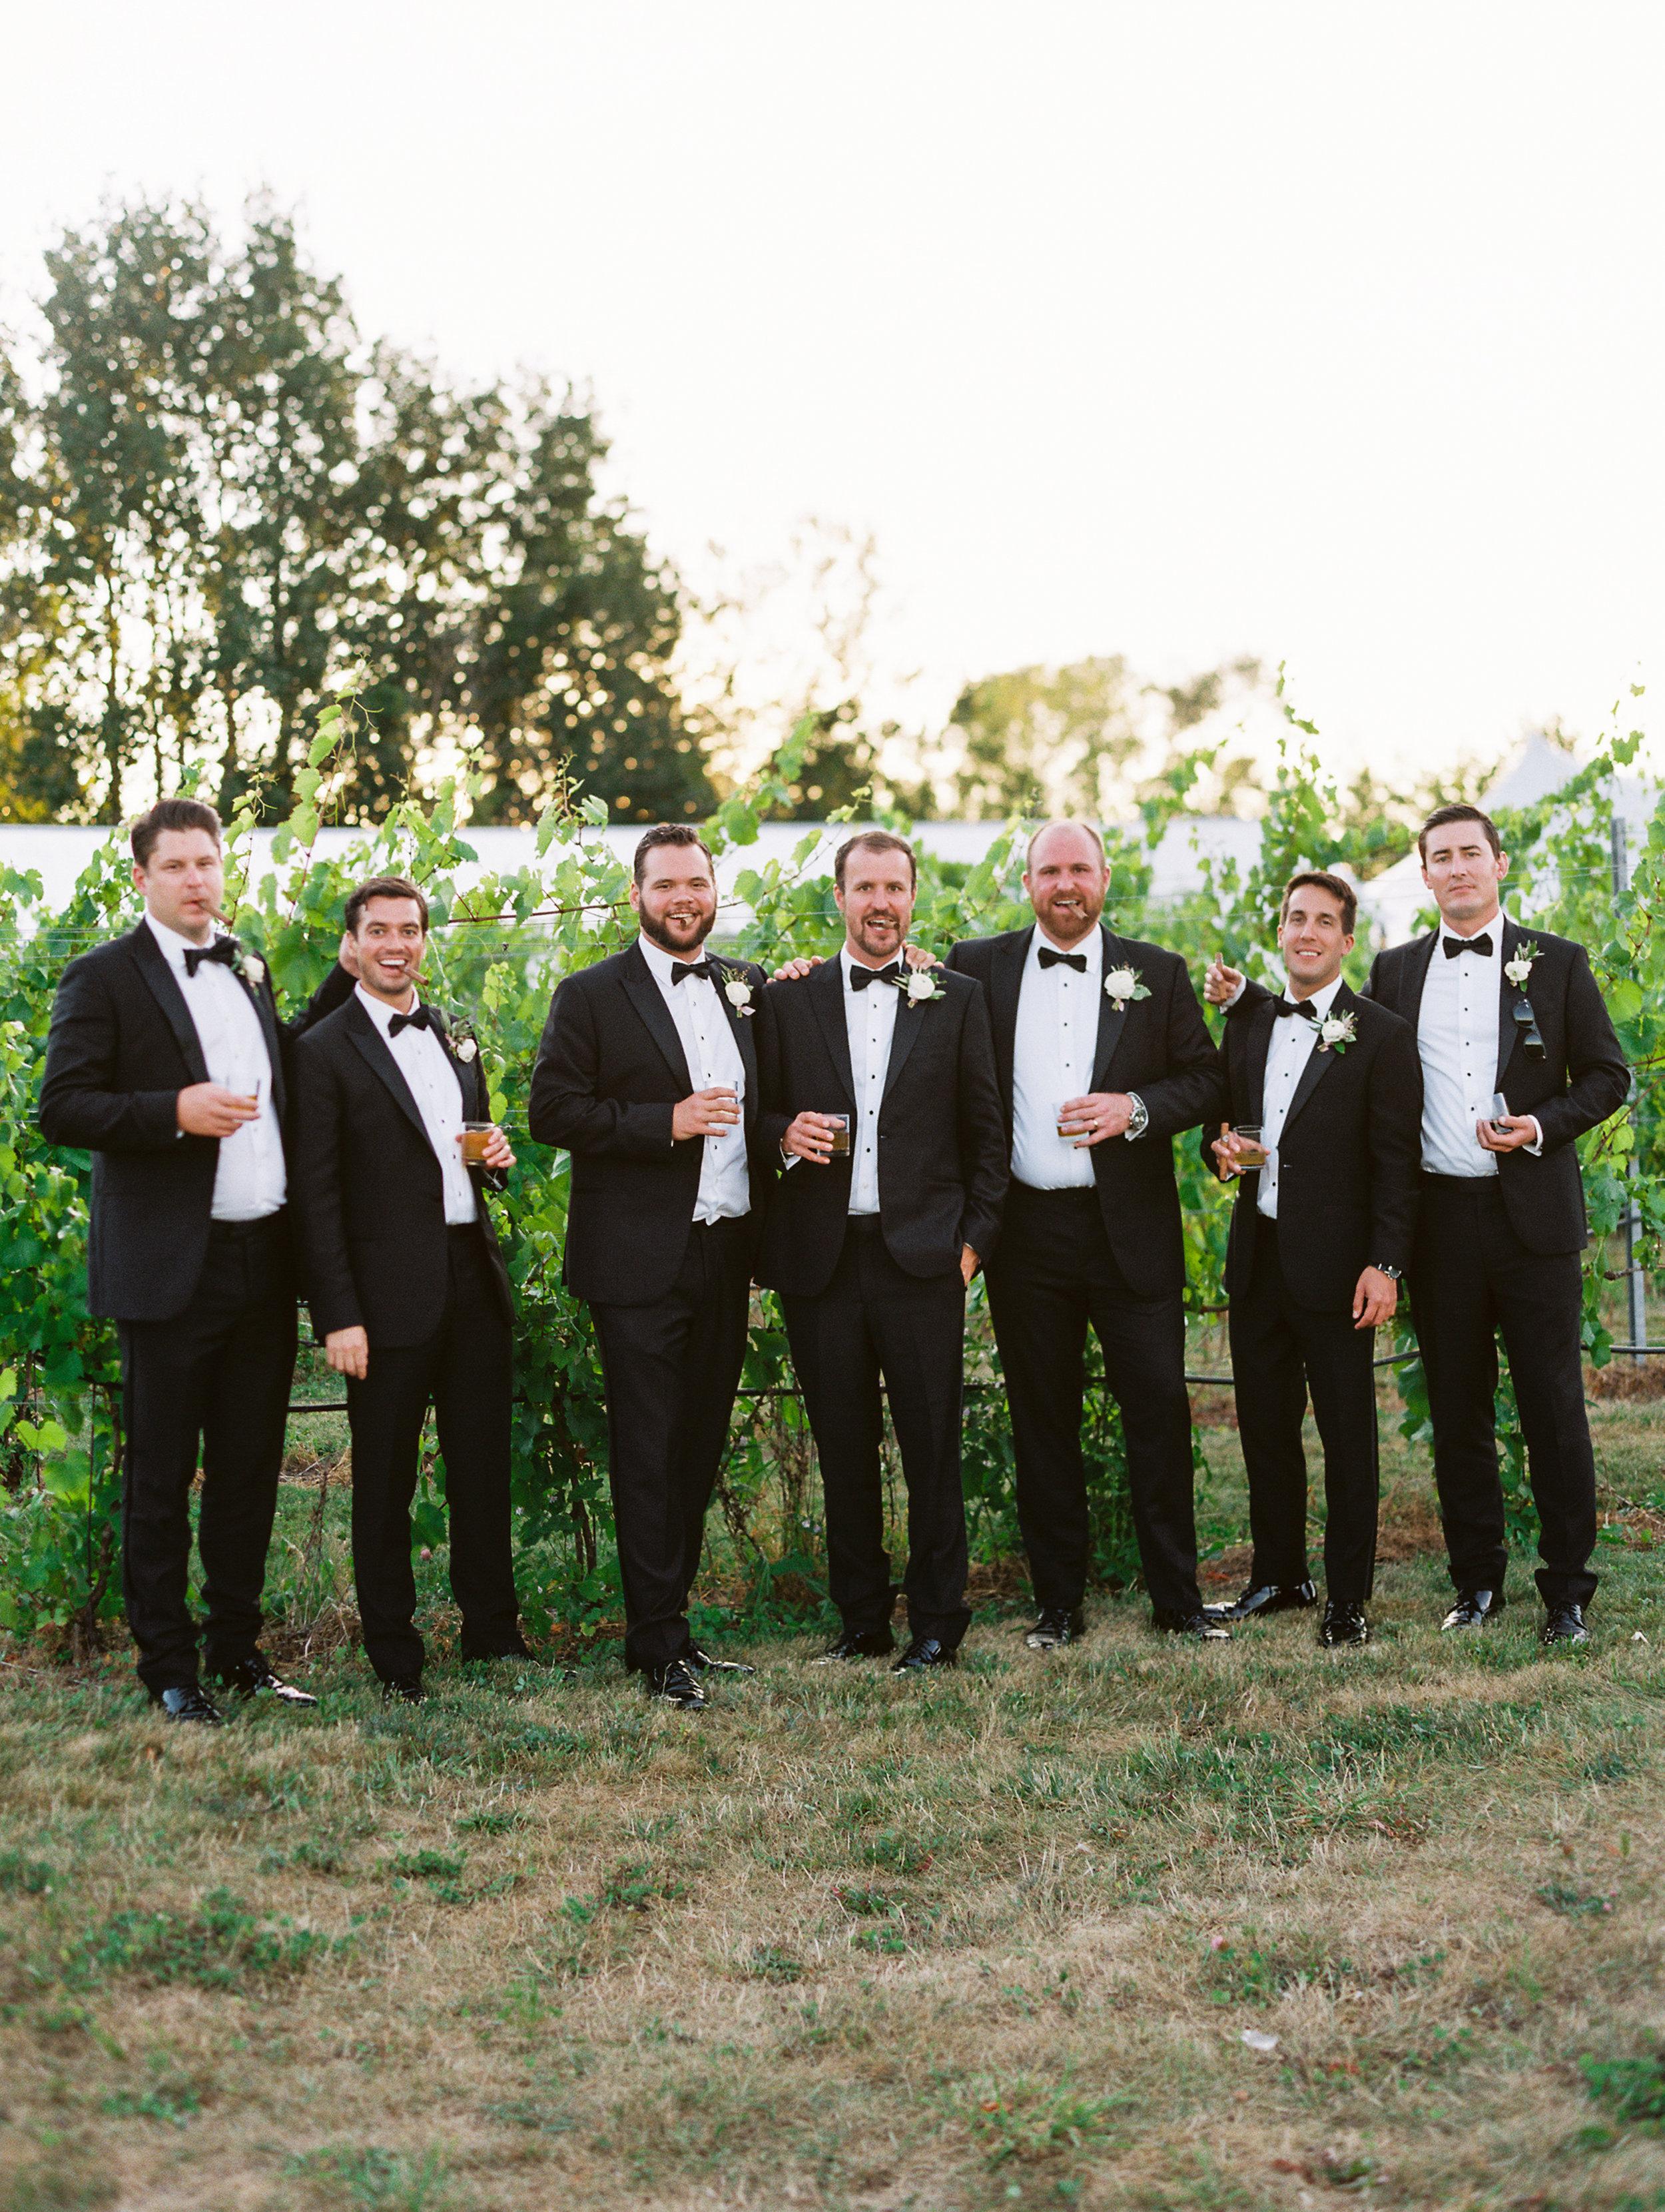 Steinlage+Wedding+Cocktail+Hour-76.jpg